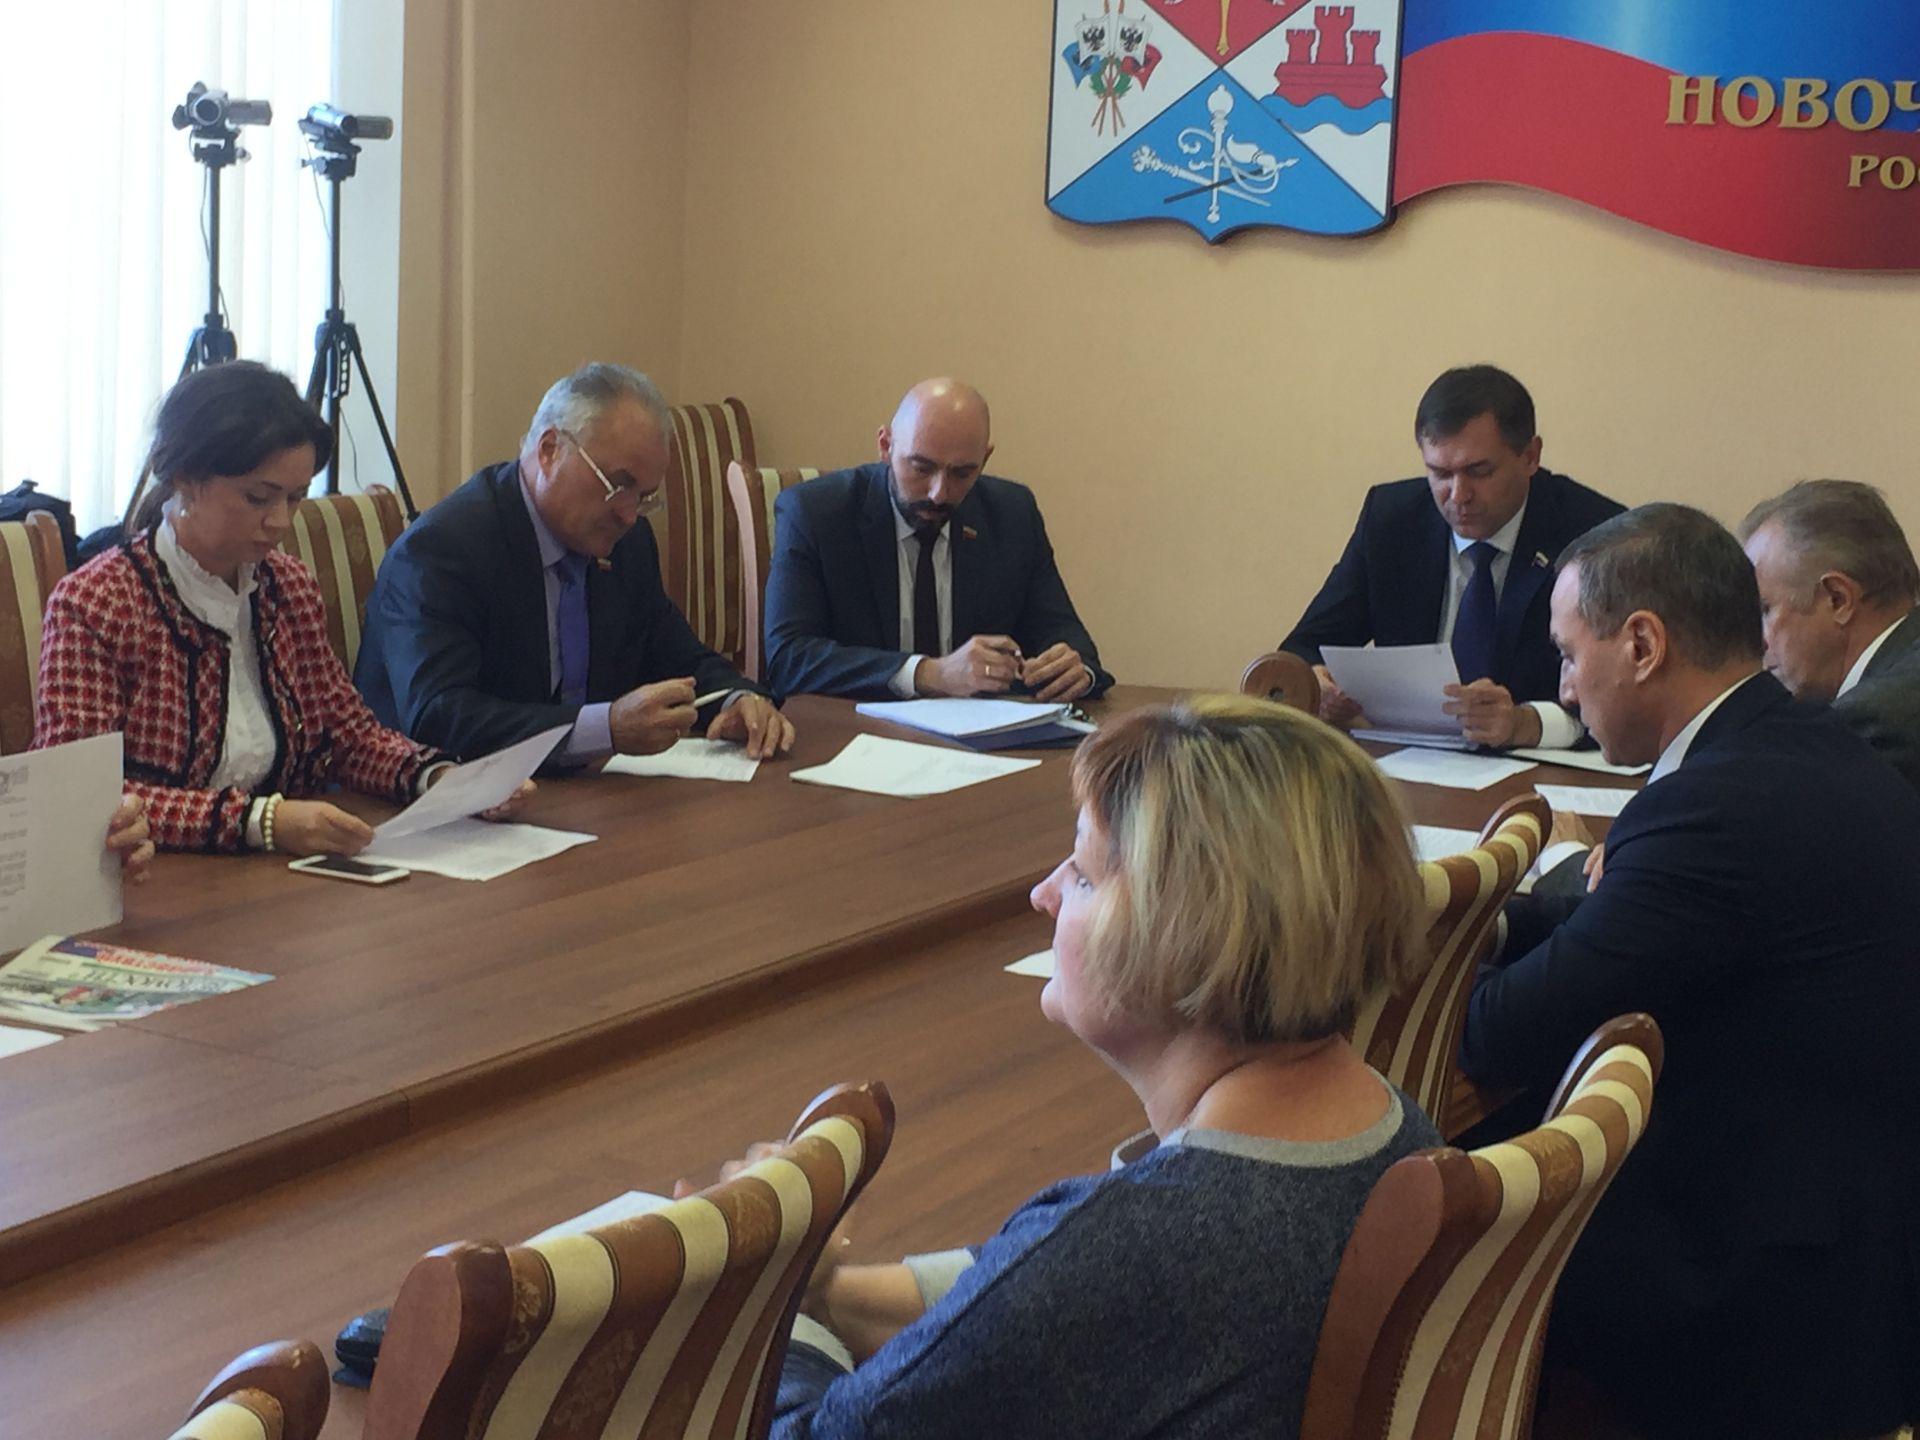 Новочеркасский парламент и администрация обсудили вопрос сдачи в эксплуатацию жилья для детей-сирот